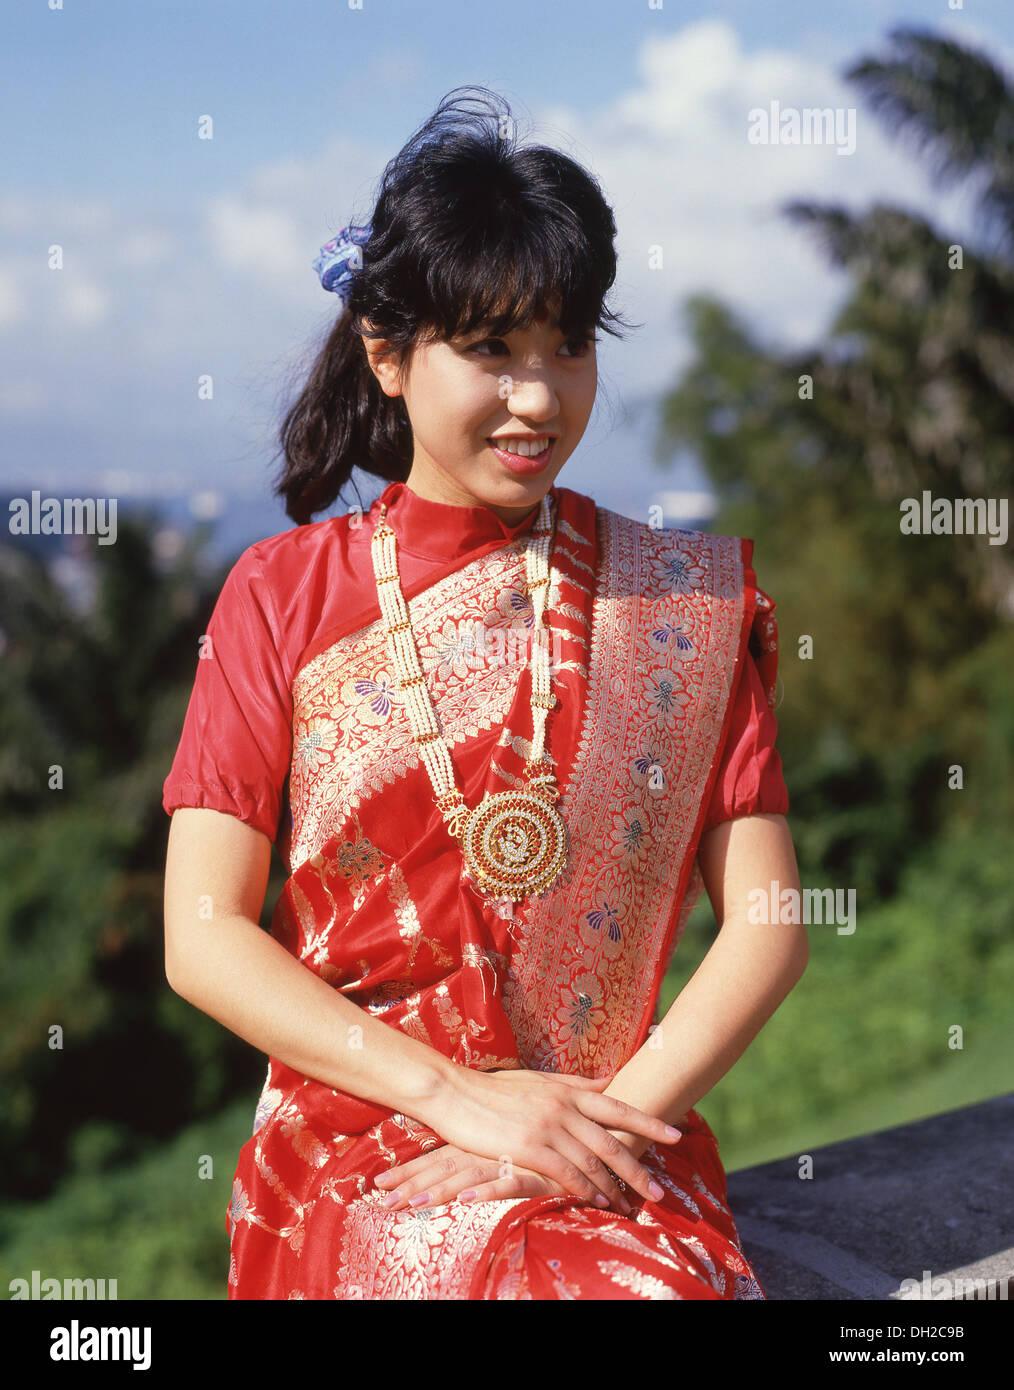 Japanese woman wearing traditional silk dress, Honshu, Japan - Stock Image